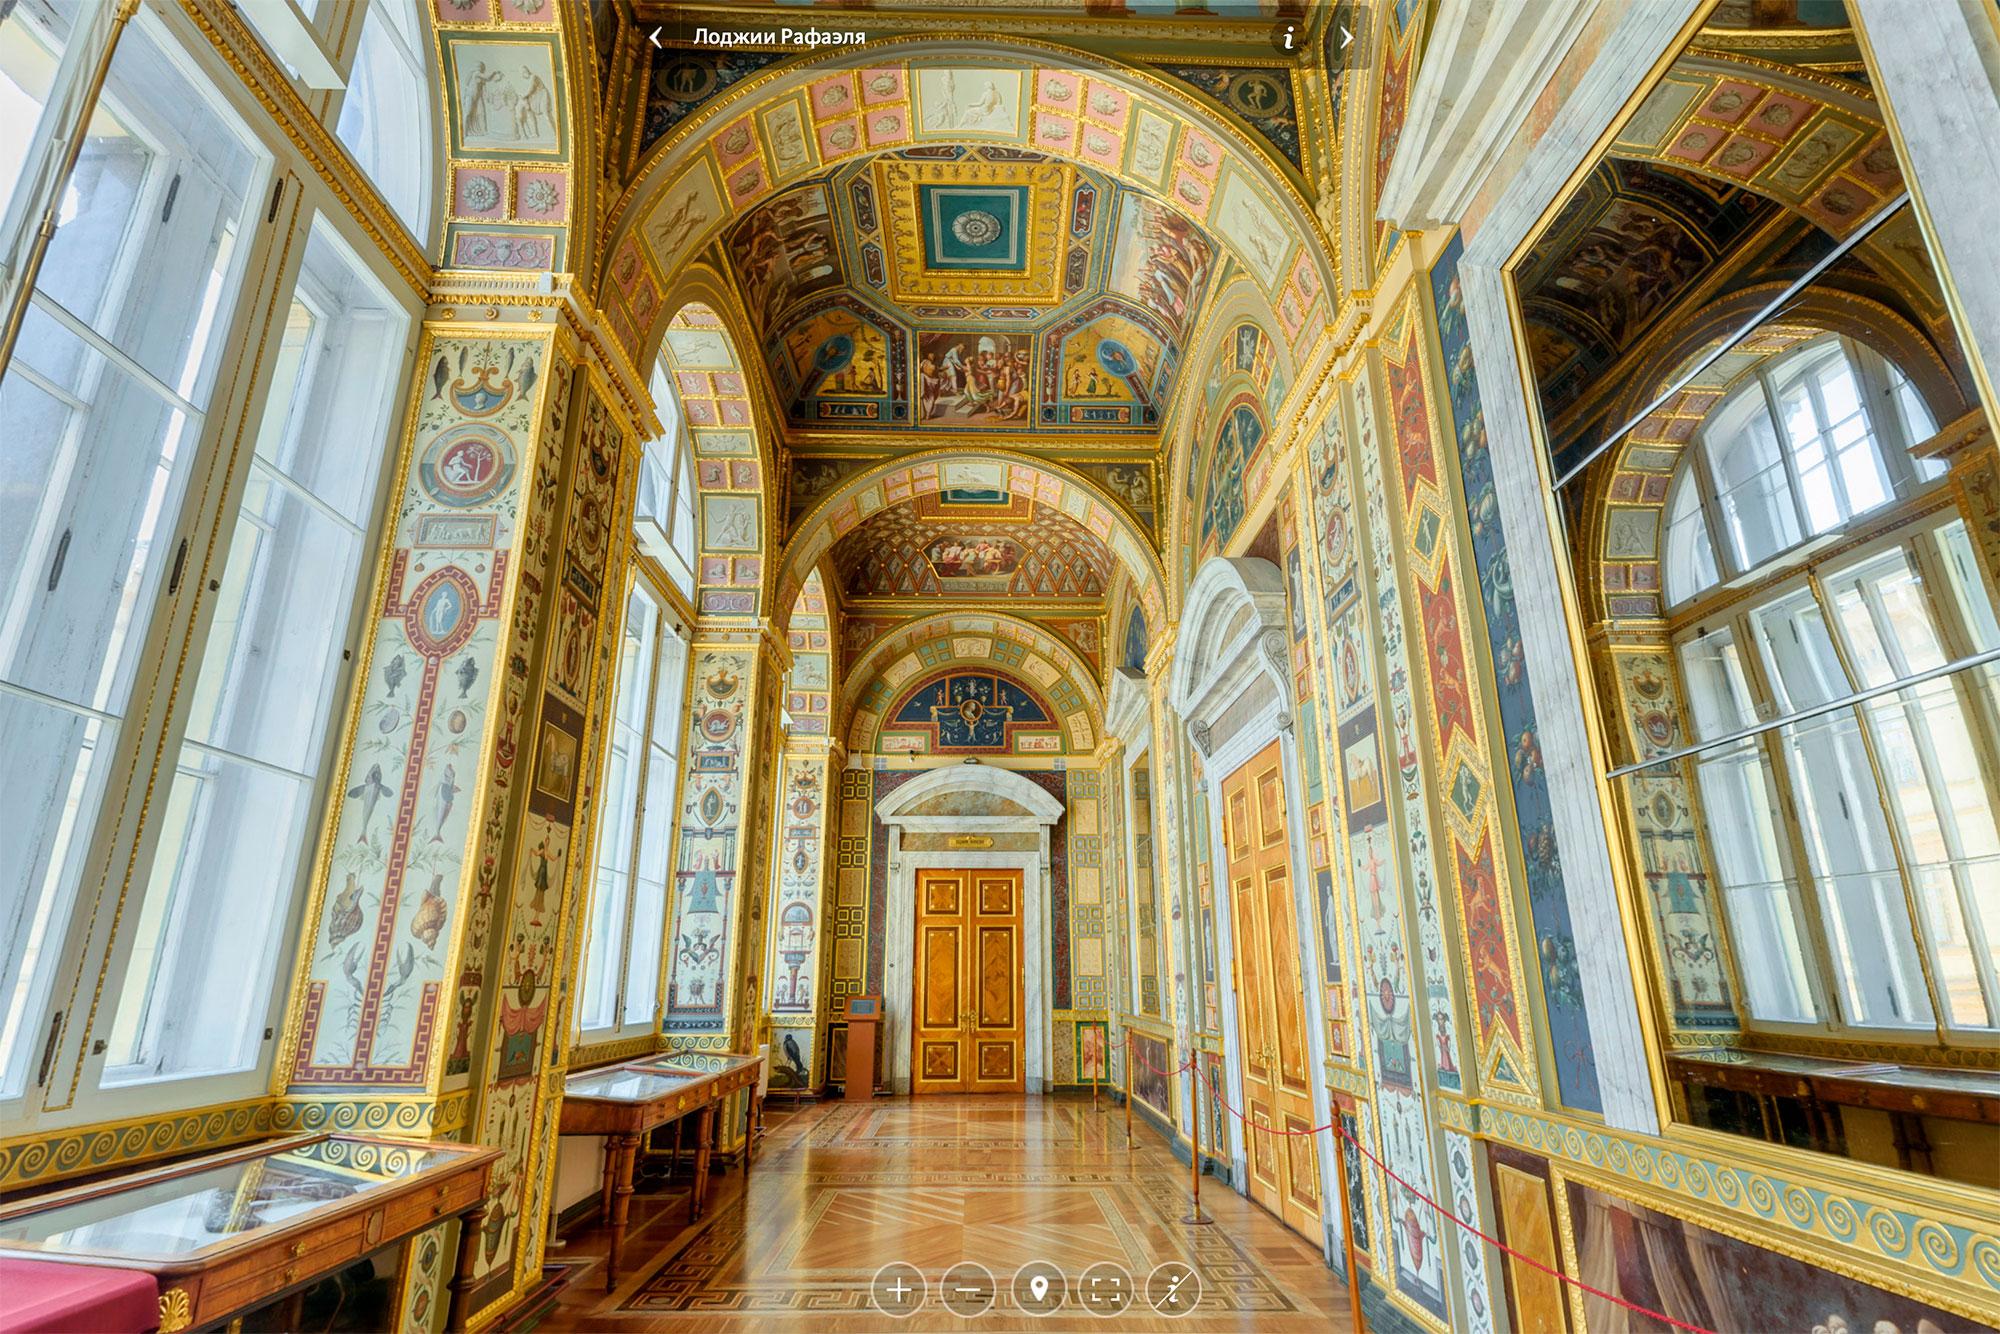 Когда будете прогуливаться по музею, советую рассмотреть интерьеры залов, например Лоджии Рафаэля